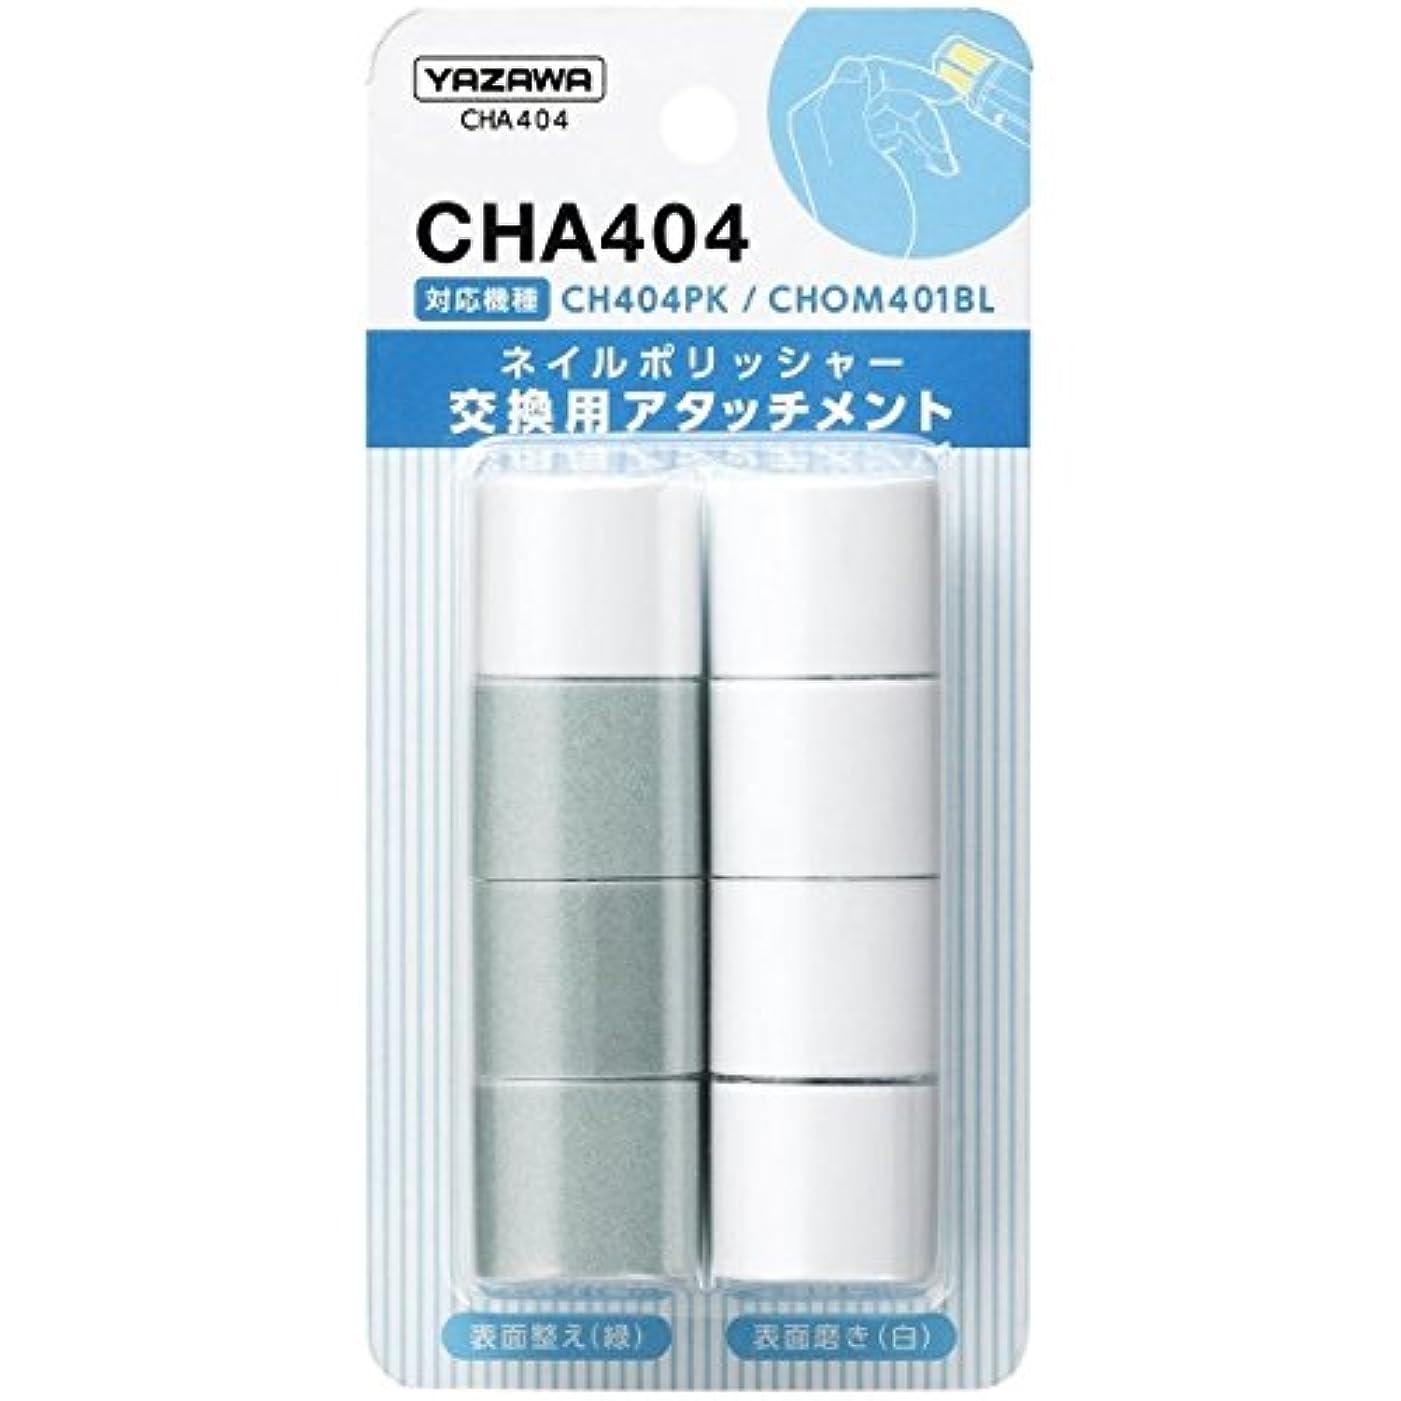 させるファセット抑止するYAZAWA(ヤザワコーポレーション) ネイルポリッシャー交換用アタッチメント CHA404